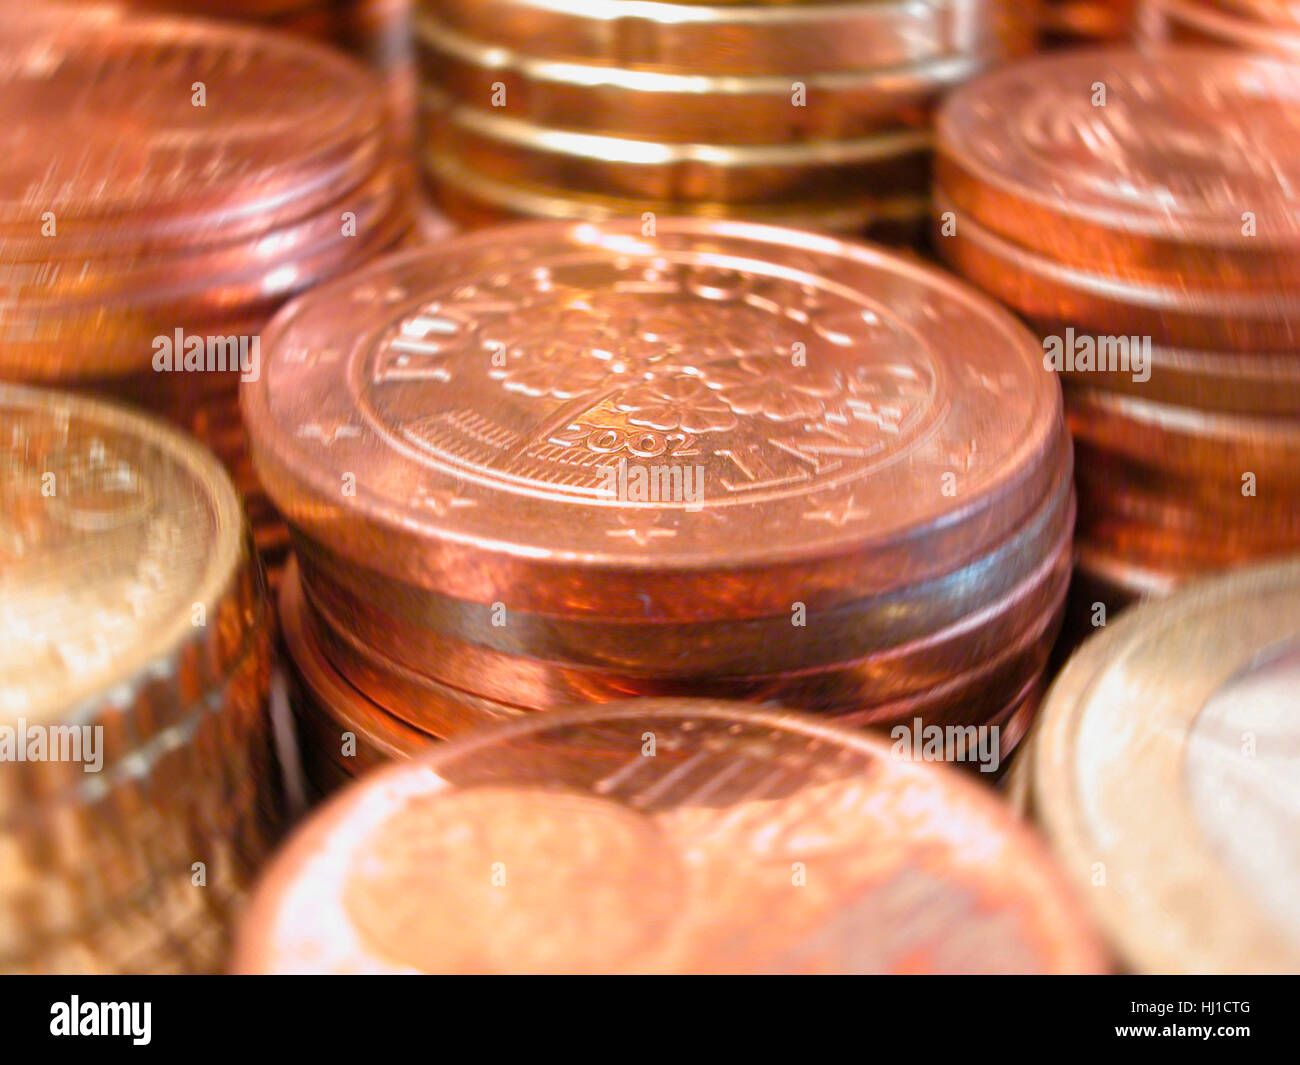 cent,geldstabel,münze,geldstabel,münze,münzen,euromünzen,euro,geld,bargeld,zahlungsmittel,finanzen Stock Photo